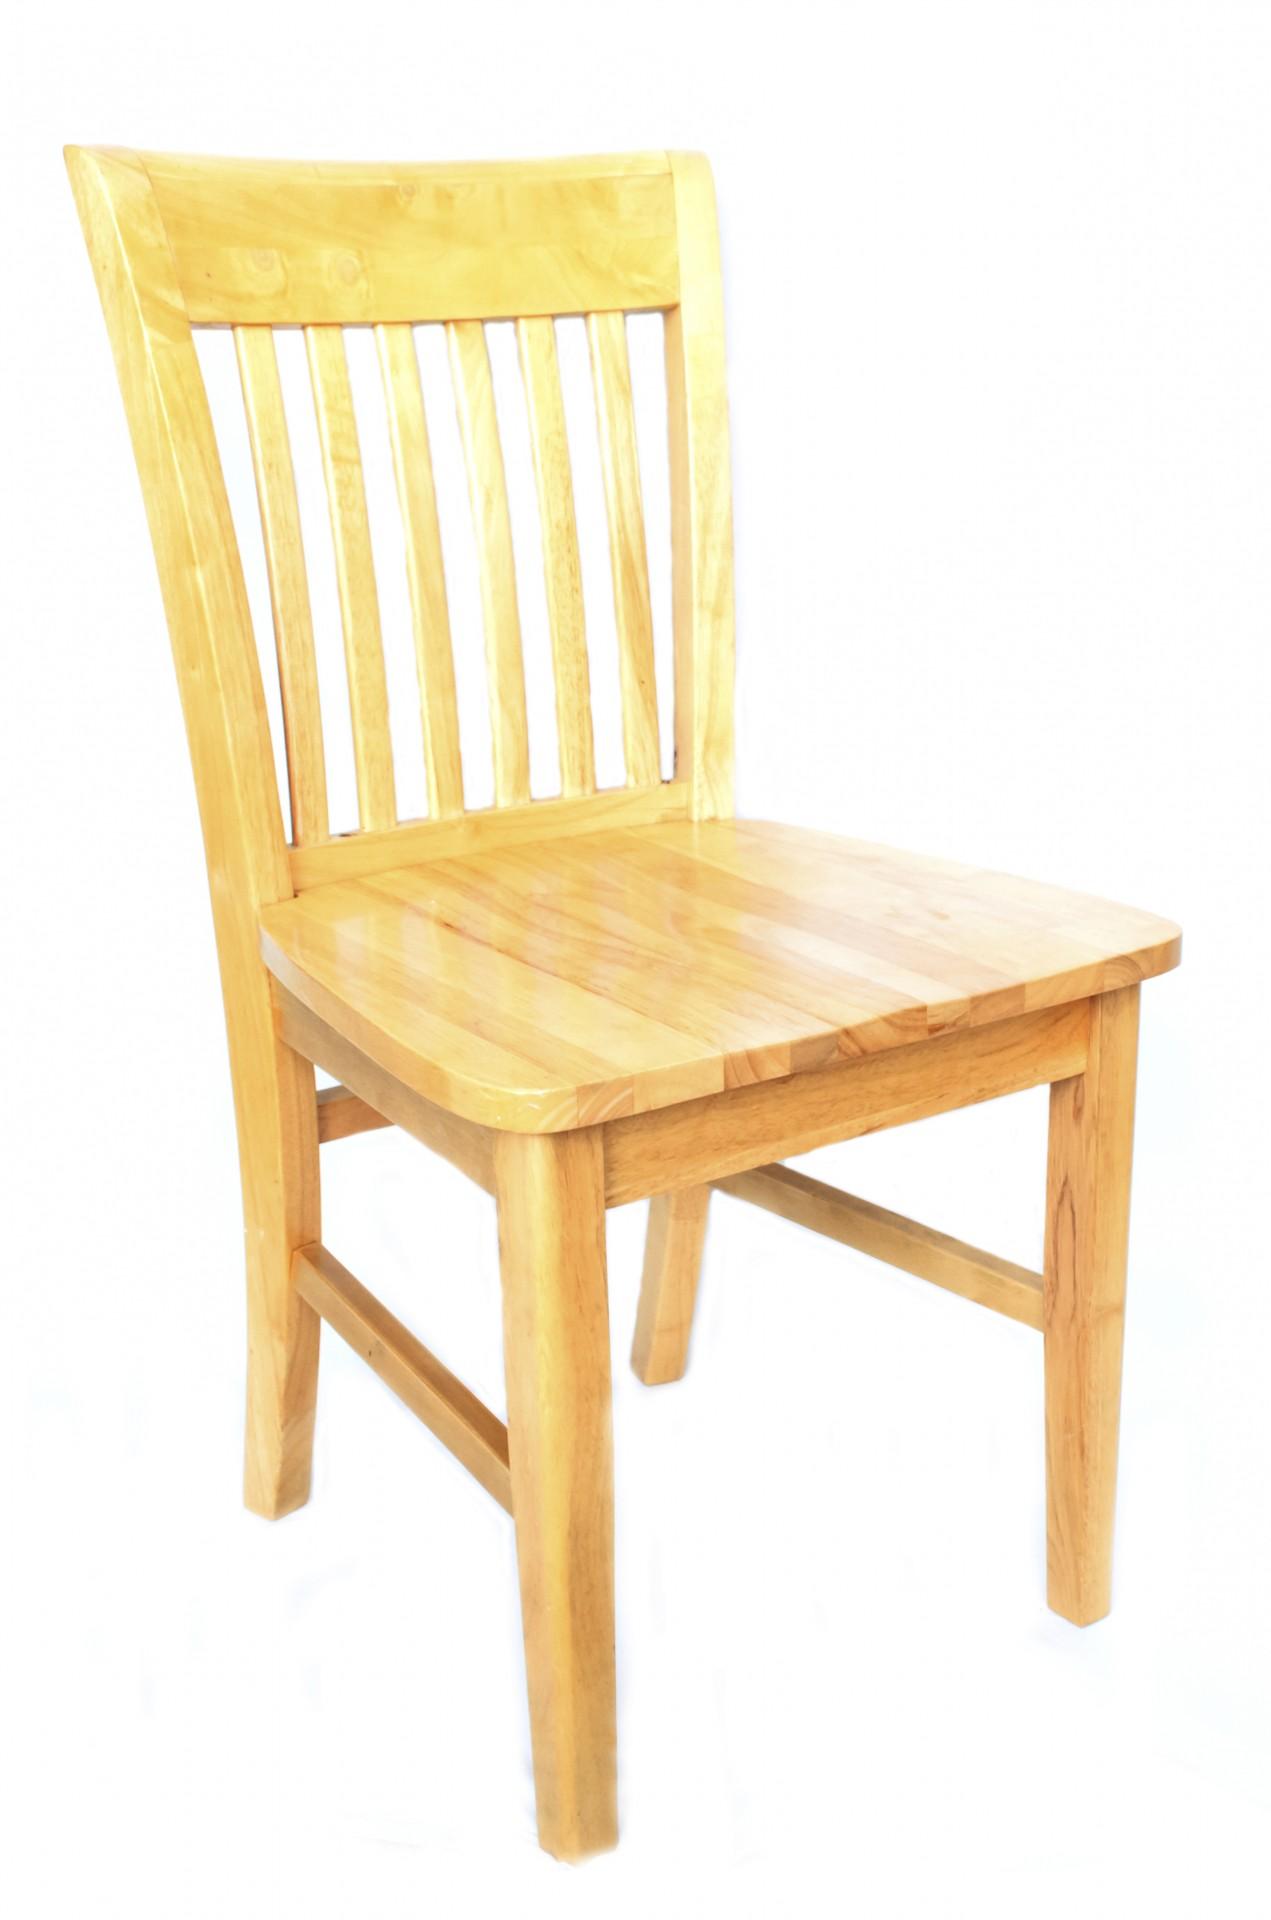 kitchen chairs wooden photo - 5